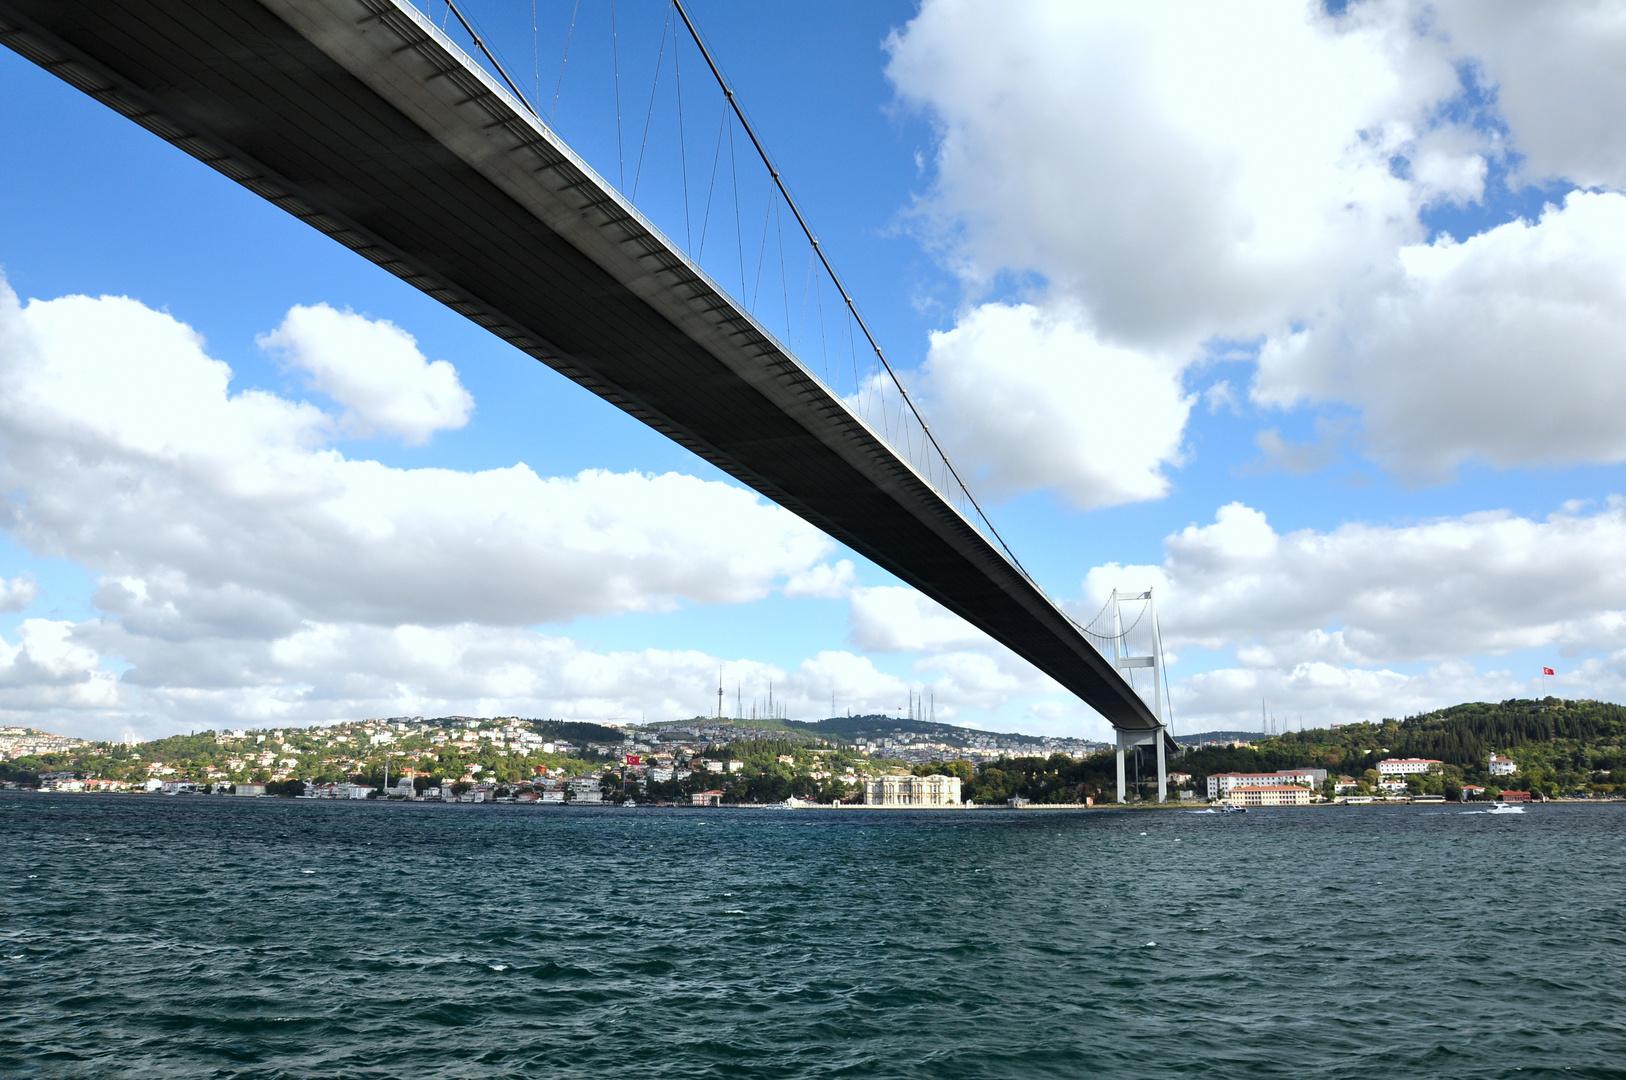 Türkei Bosporus Brücke: Verbindung zwischen Europa und Asien